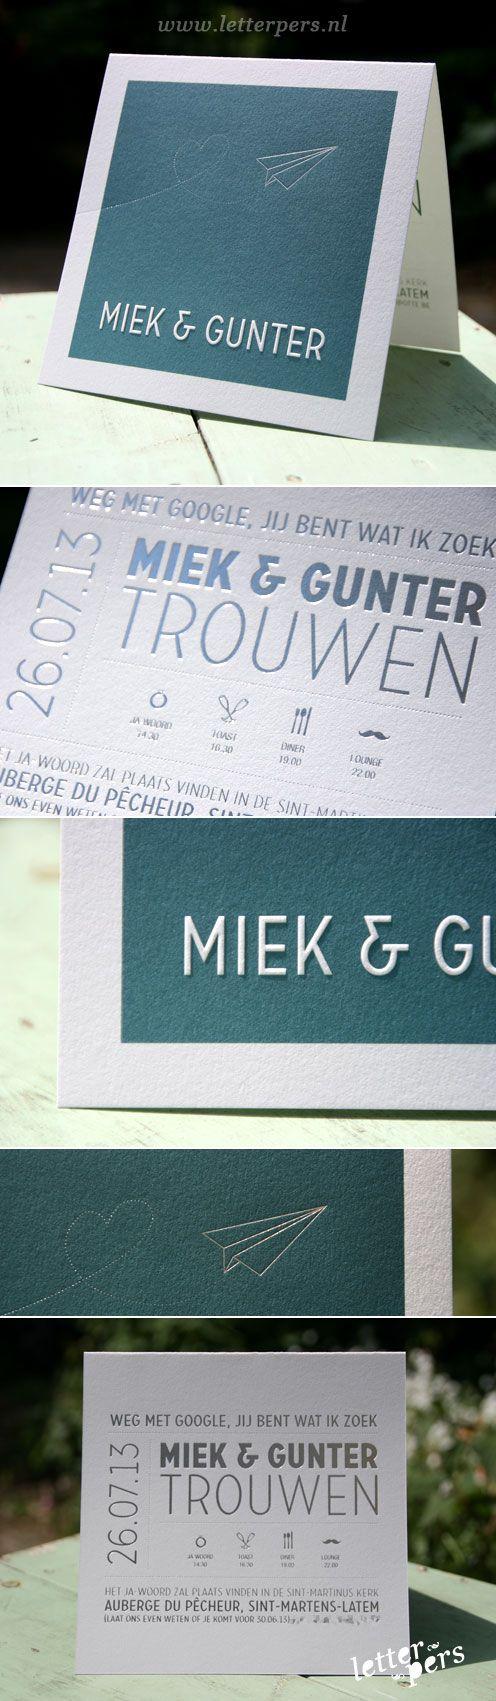 letterpers_letterpress_Miek_Gunter_Wedding_card_trouwkaart_foliedruk_vliegtuigje_symbolen